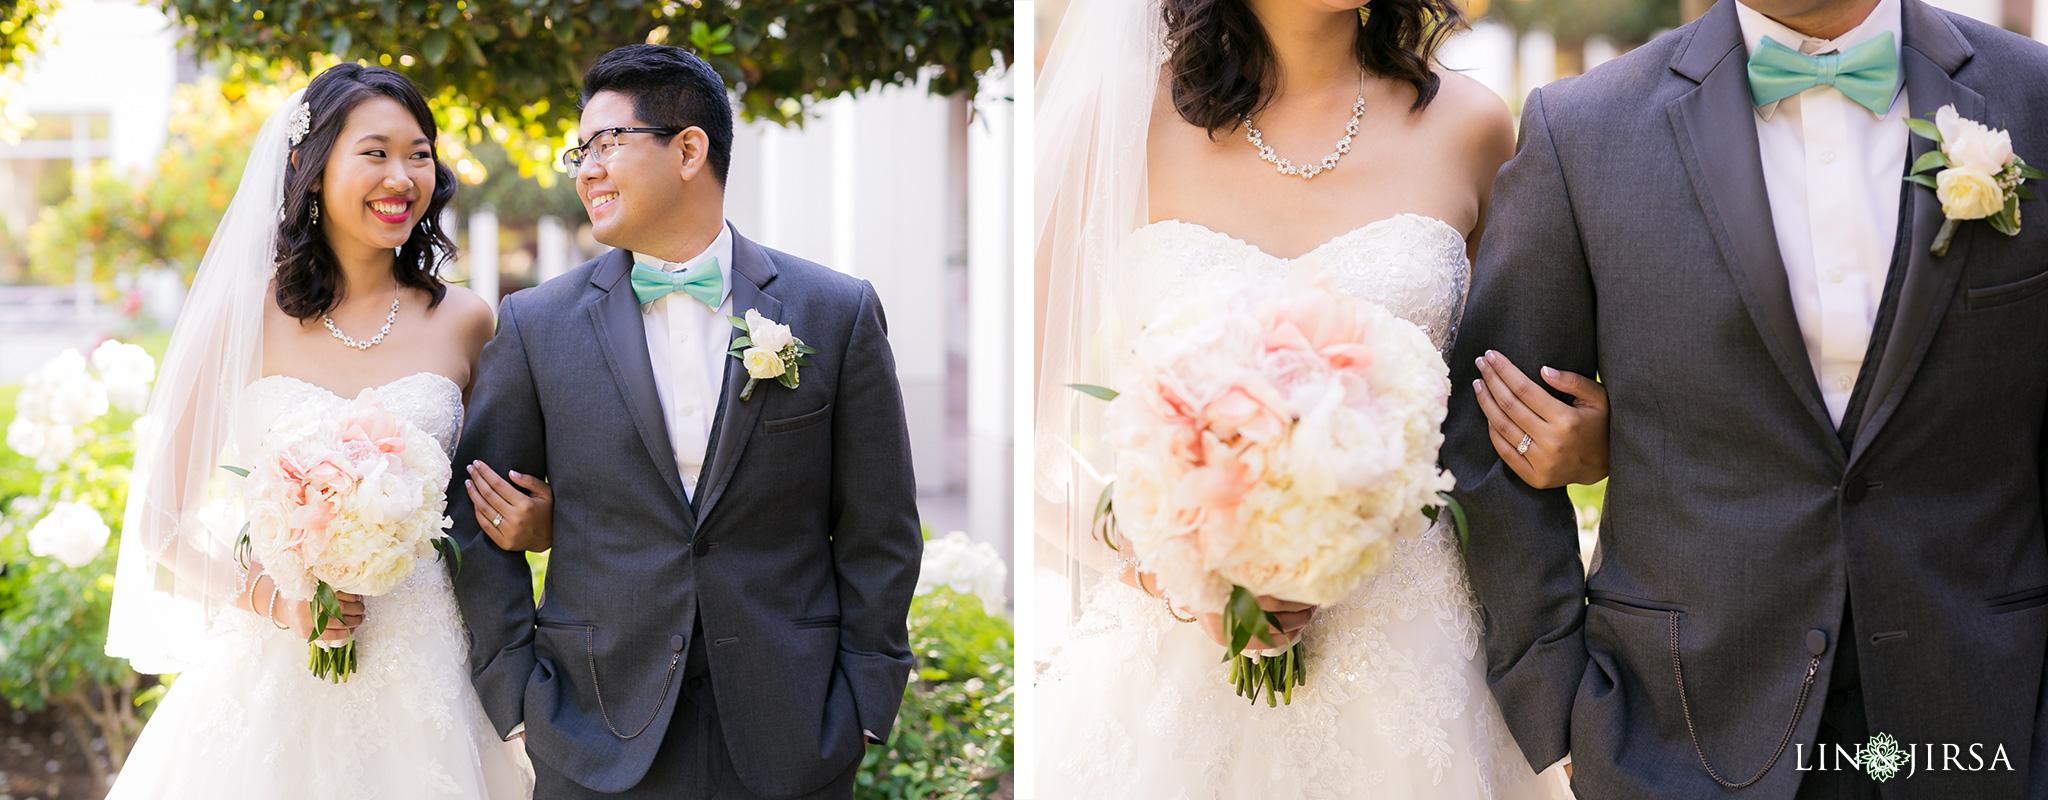 24-richard-nixon-libary-wedding-photography